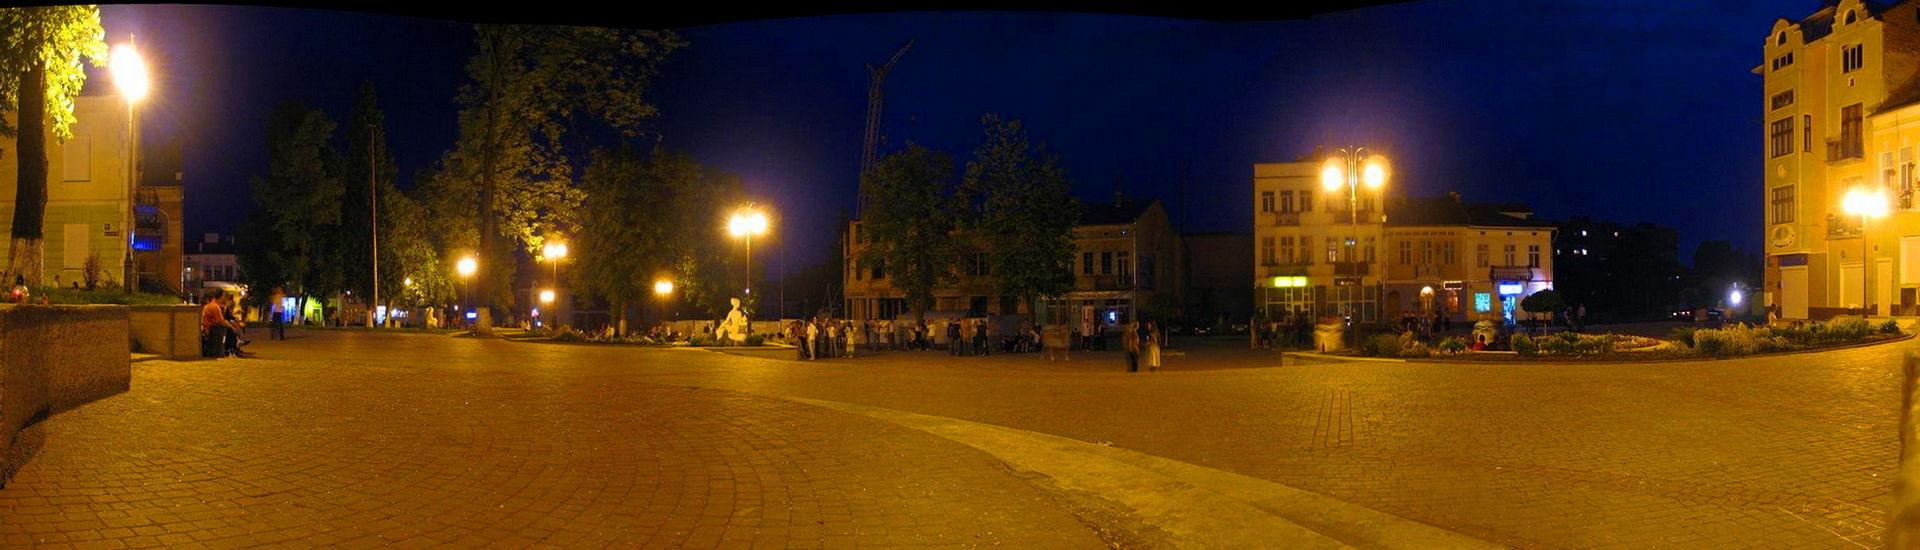 Панорама нічний Калуш